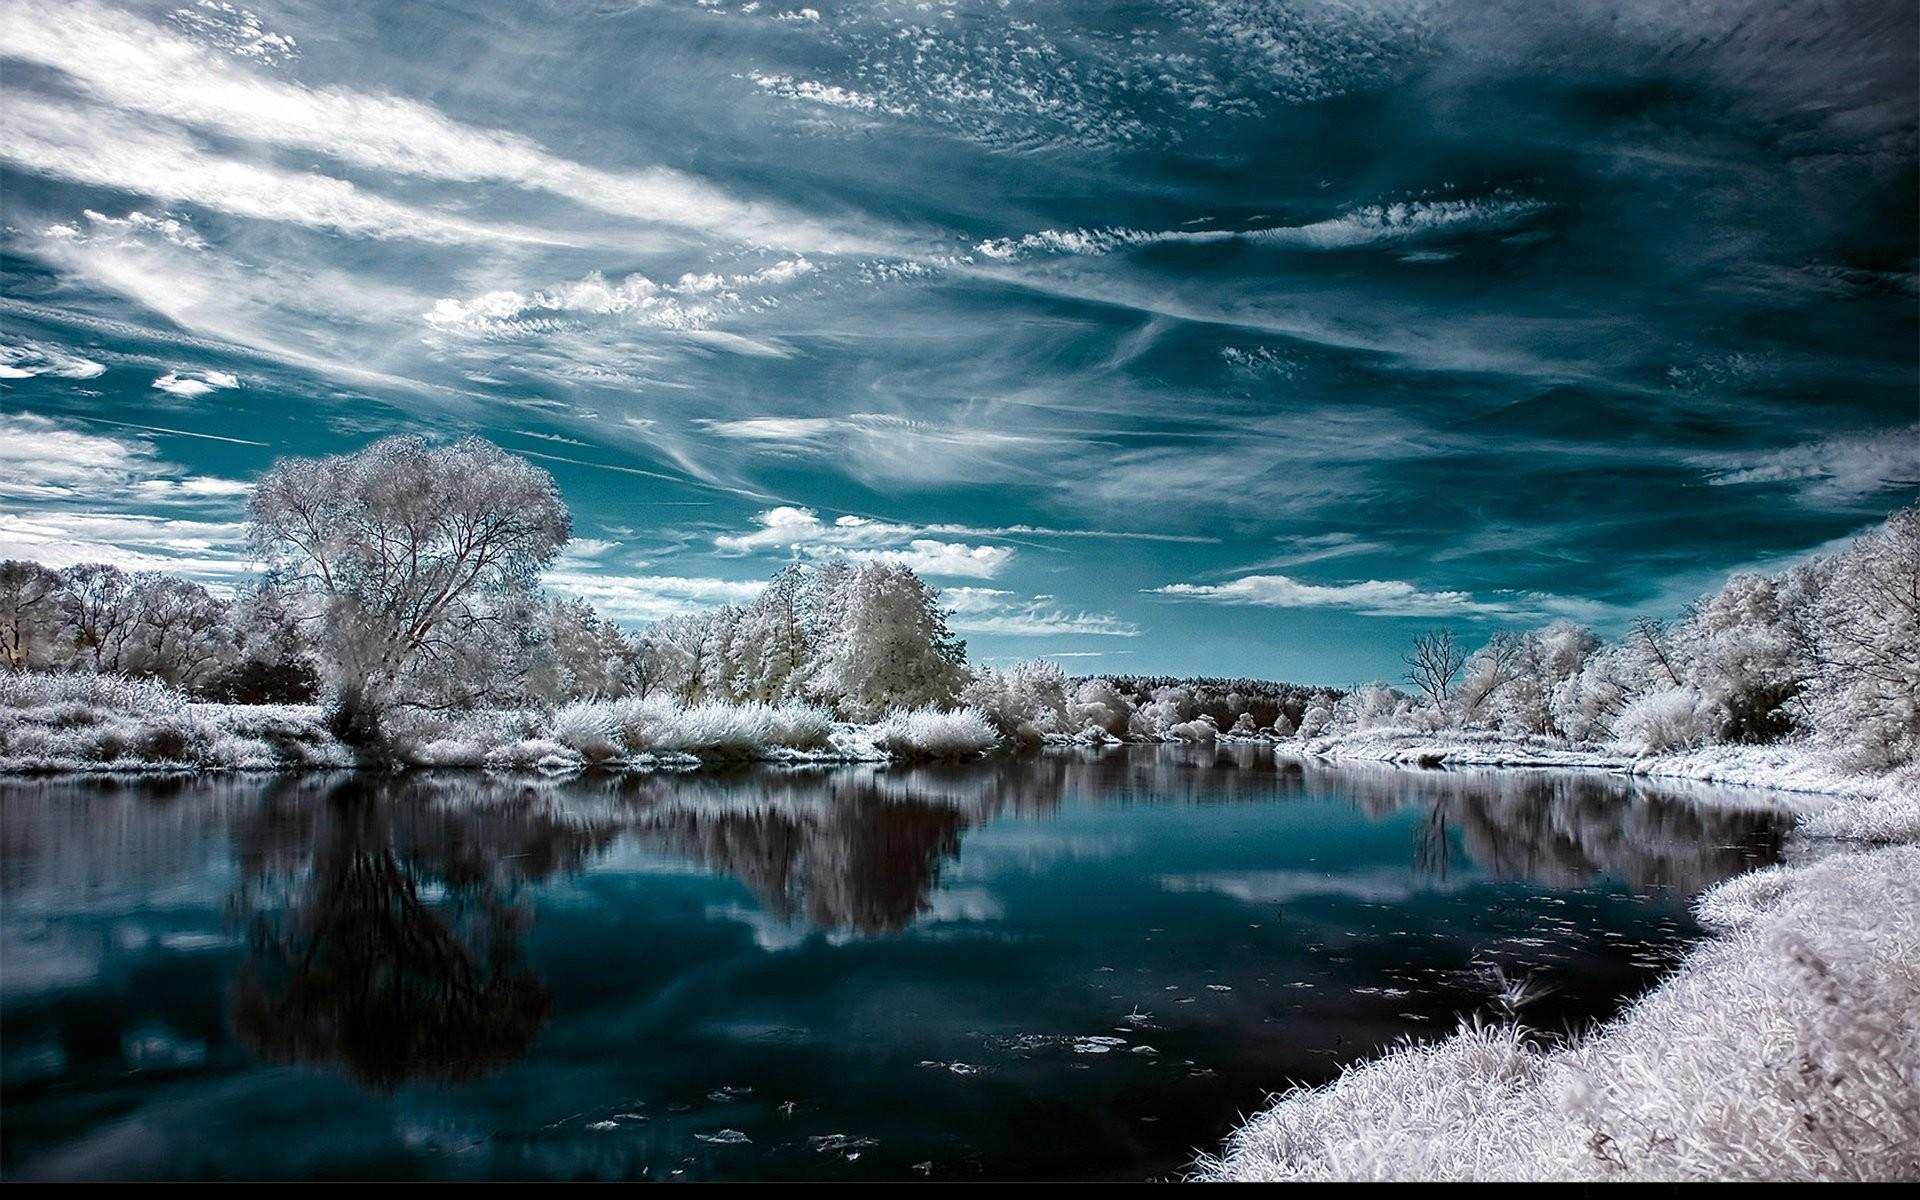 Earth – Reflection Water Sky Cyan Earth Artistic Winter Wallpaper